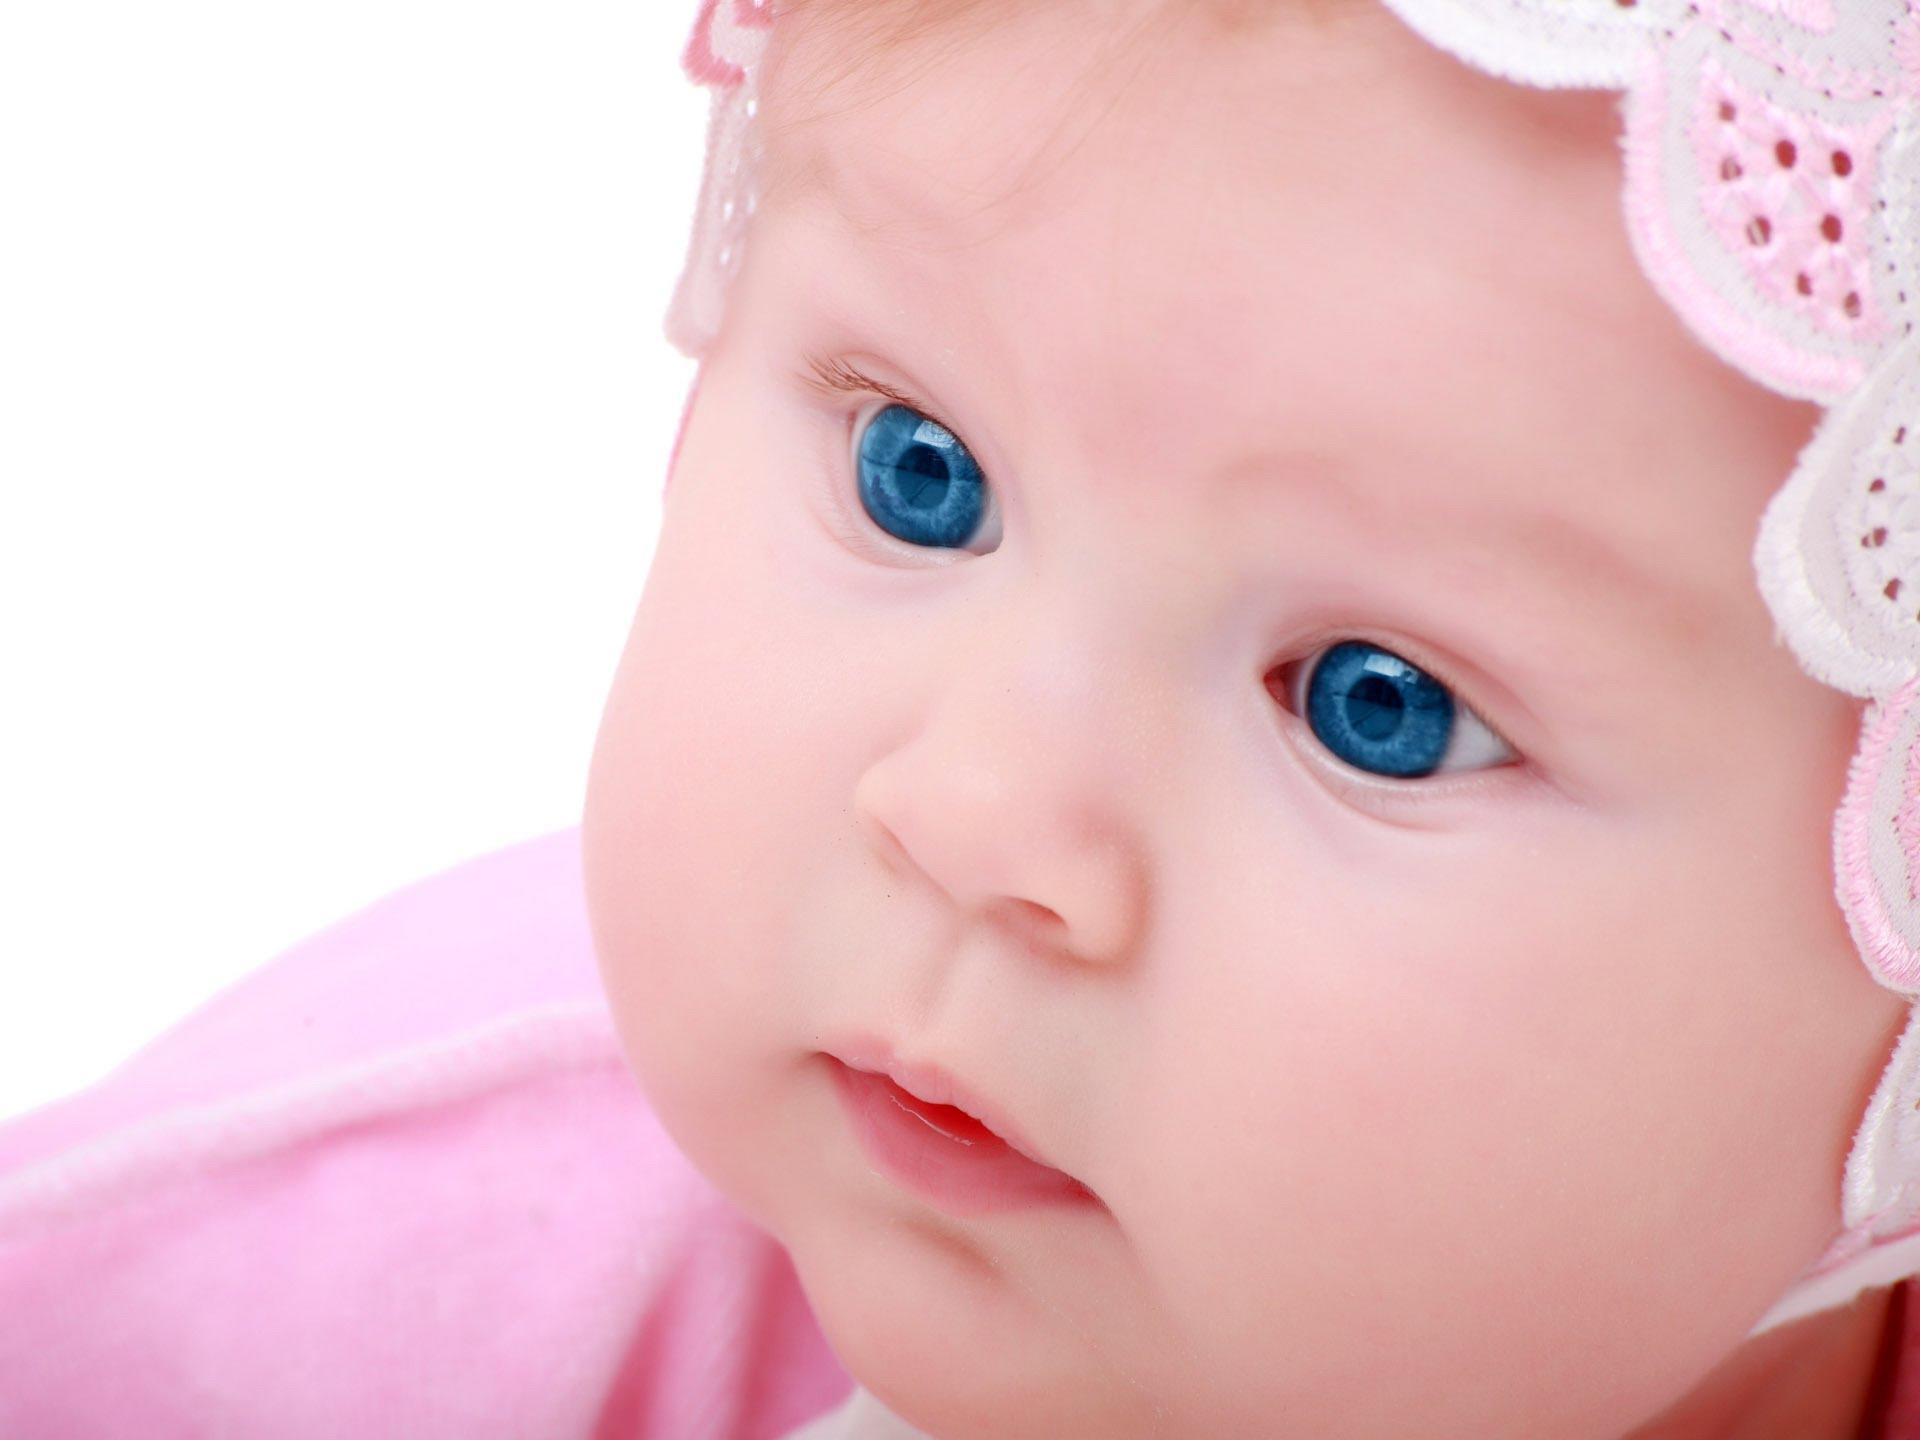 صورة احلى الصور للاطفال الصغار , اروع وافضل الصور للاطفال الصغار